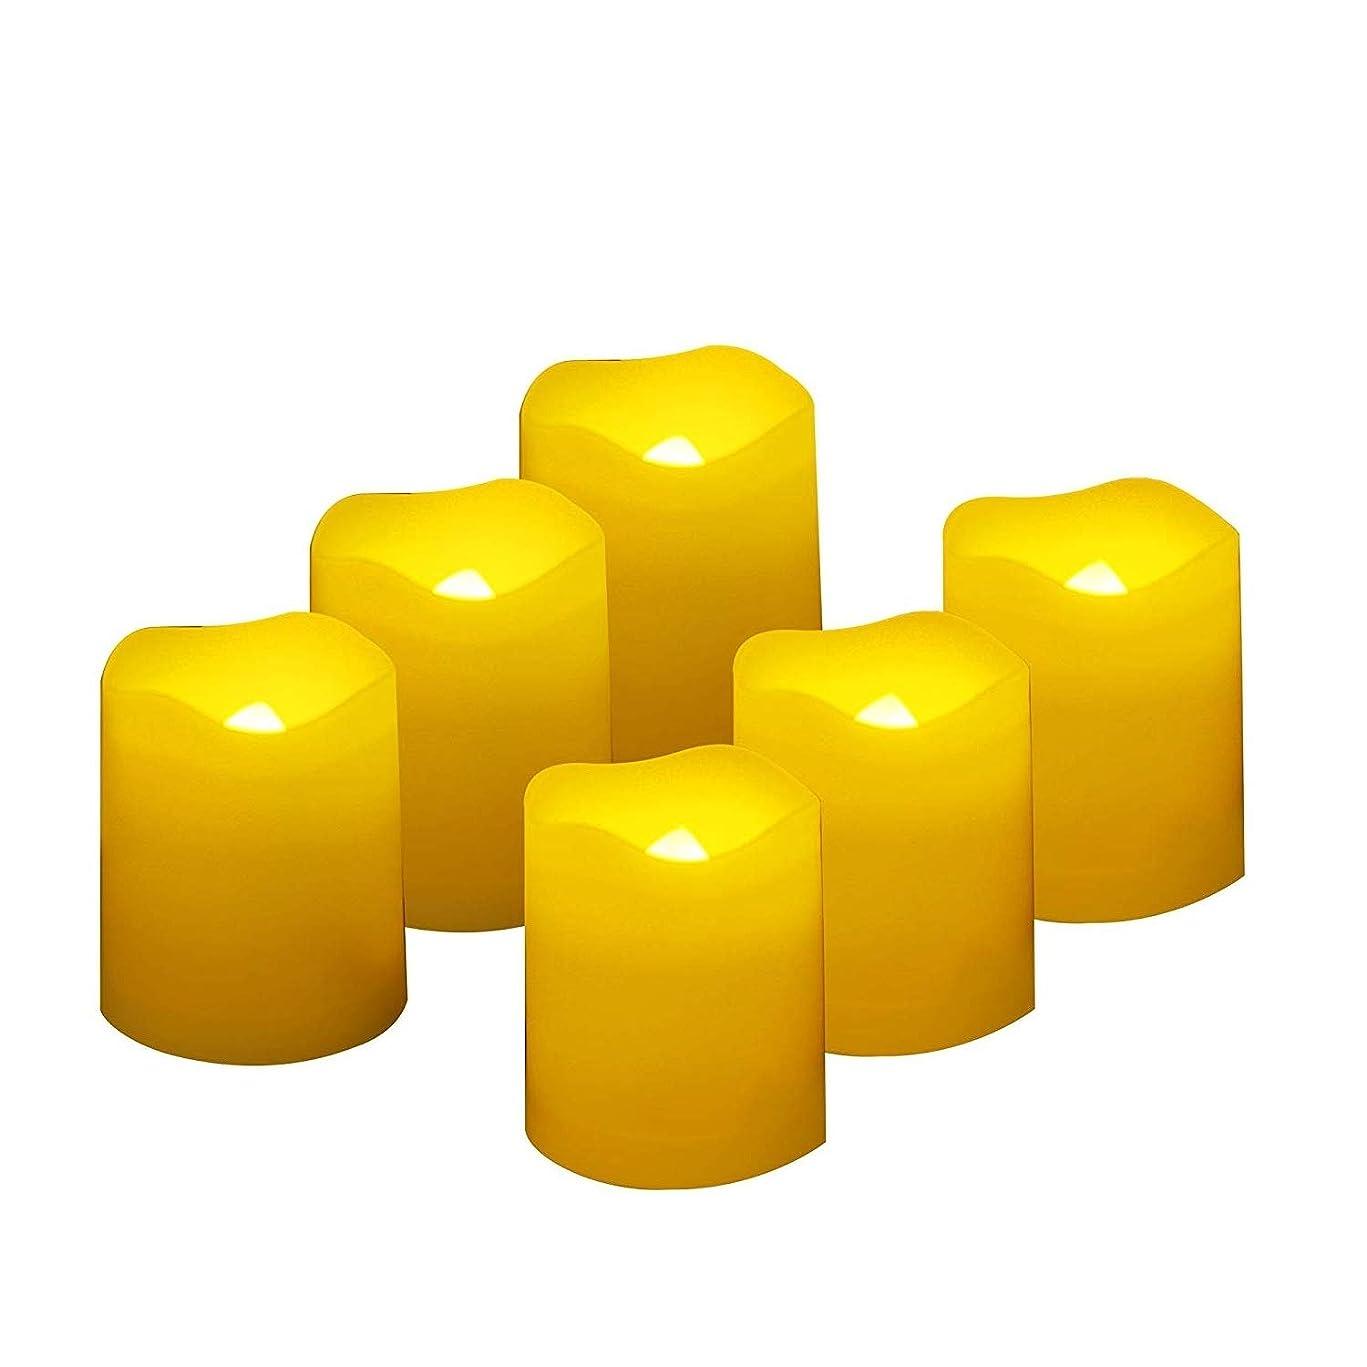 混乱させる適応するステートメントFlameless LED Votive Candles withタイマー?–?リアルなちらつきバッテリーOperated Poweredキャンドルby qidea、電気キャンドル、サイズ1.5?